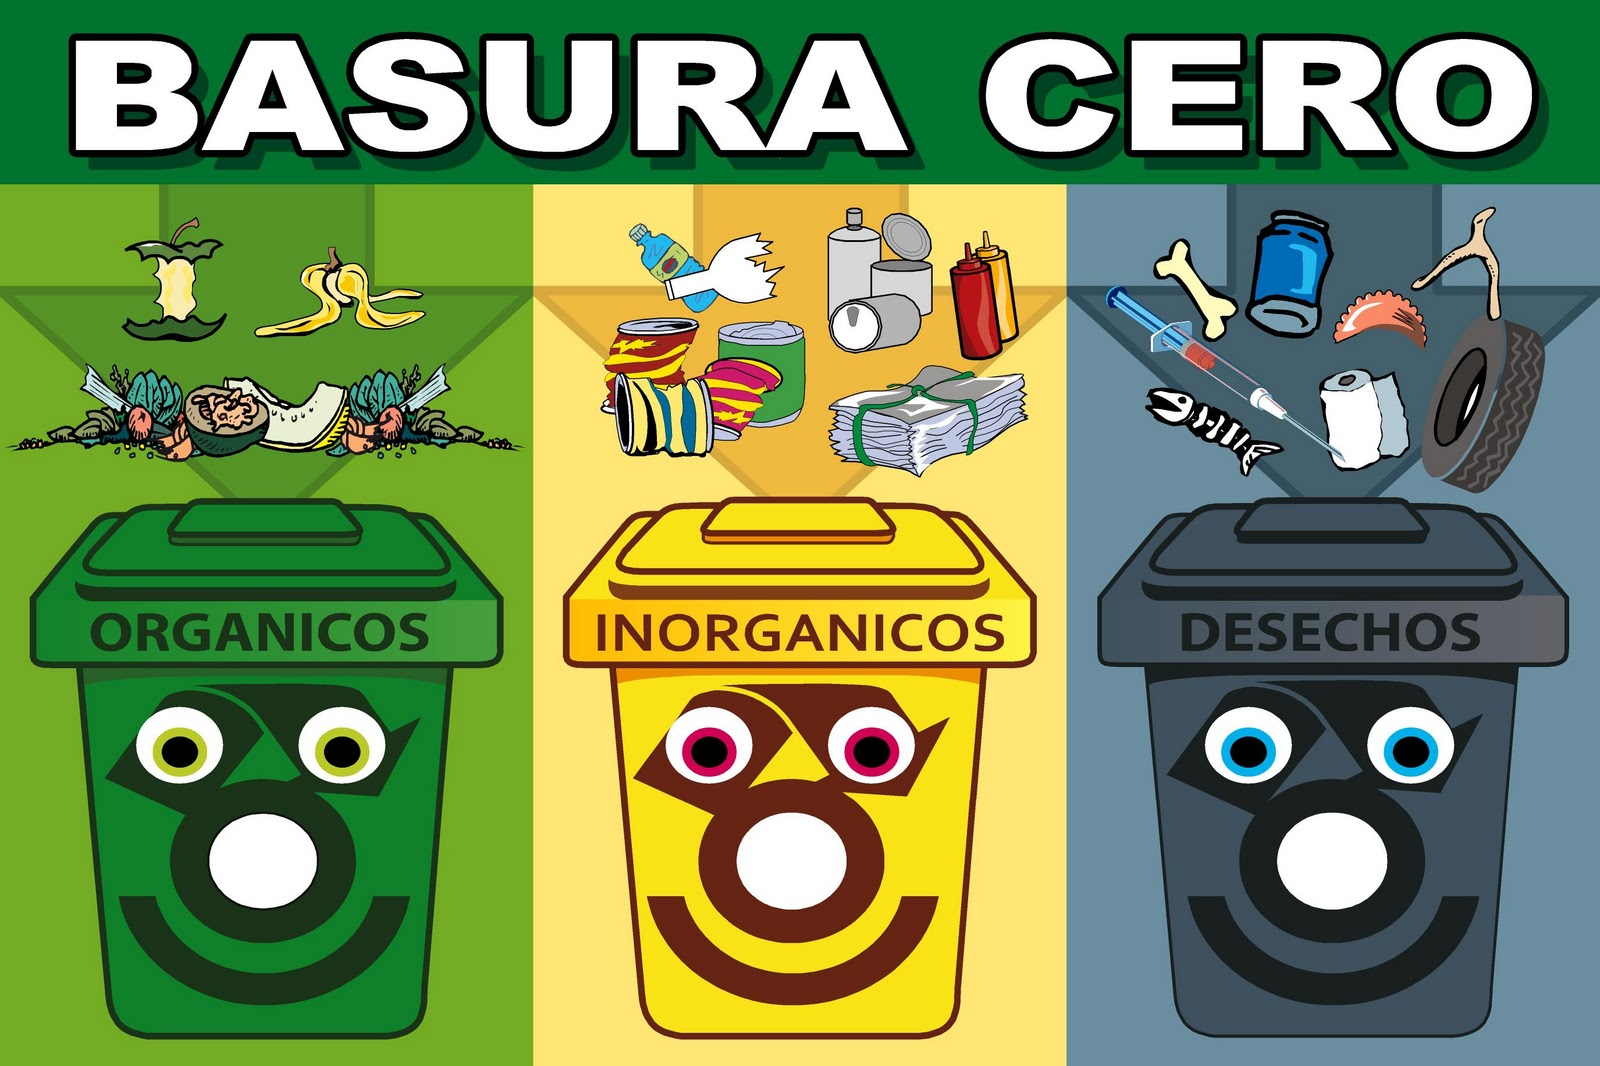 Tips Ecologicos Clasificacion De Los Desechos Organicos E Inorganicos